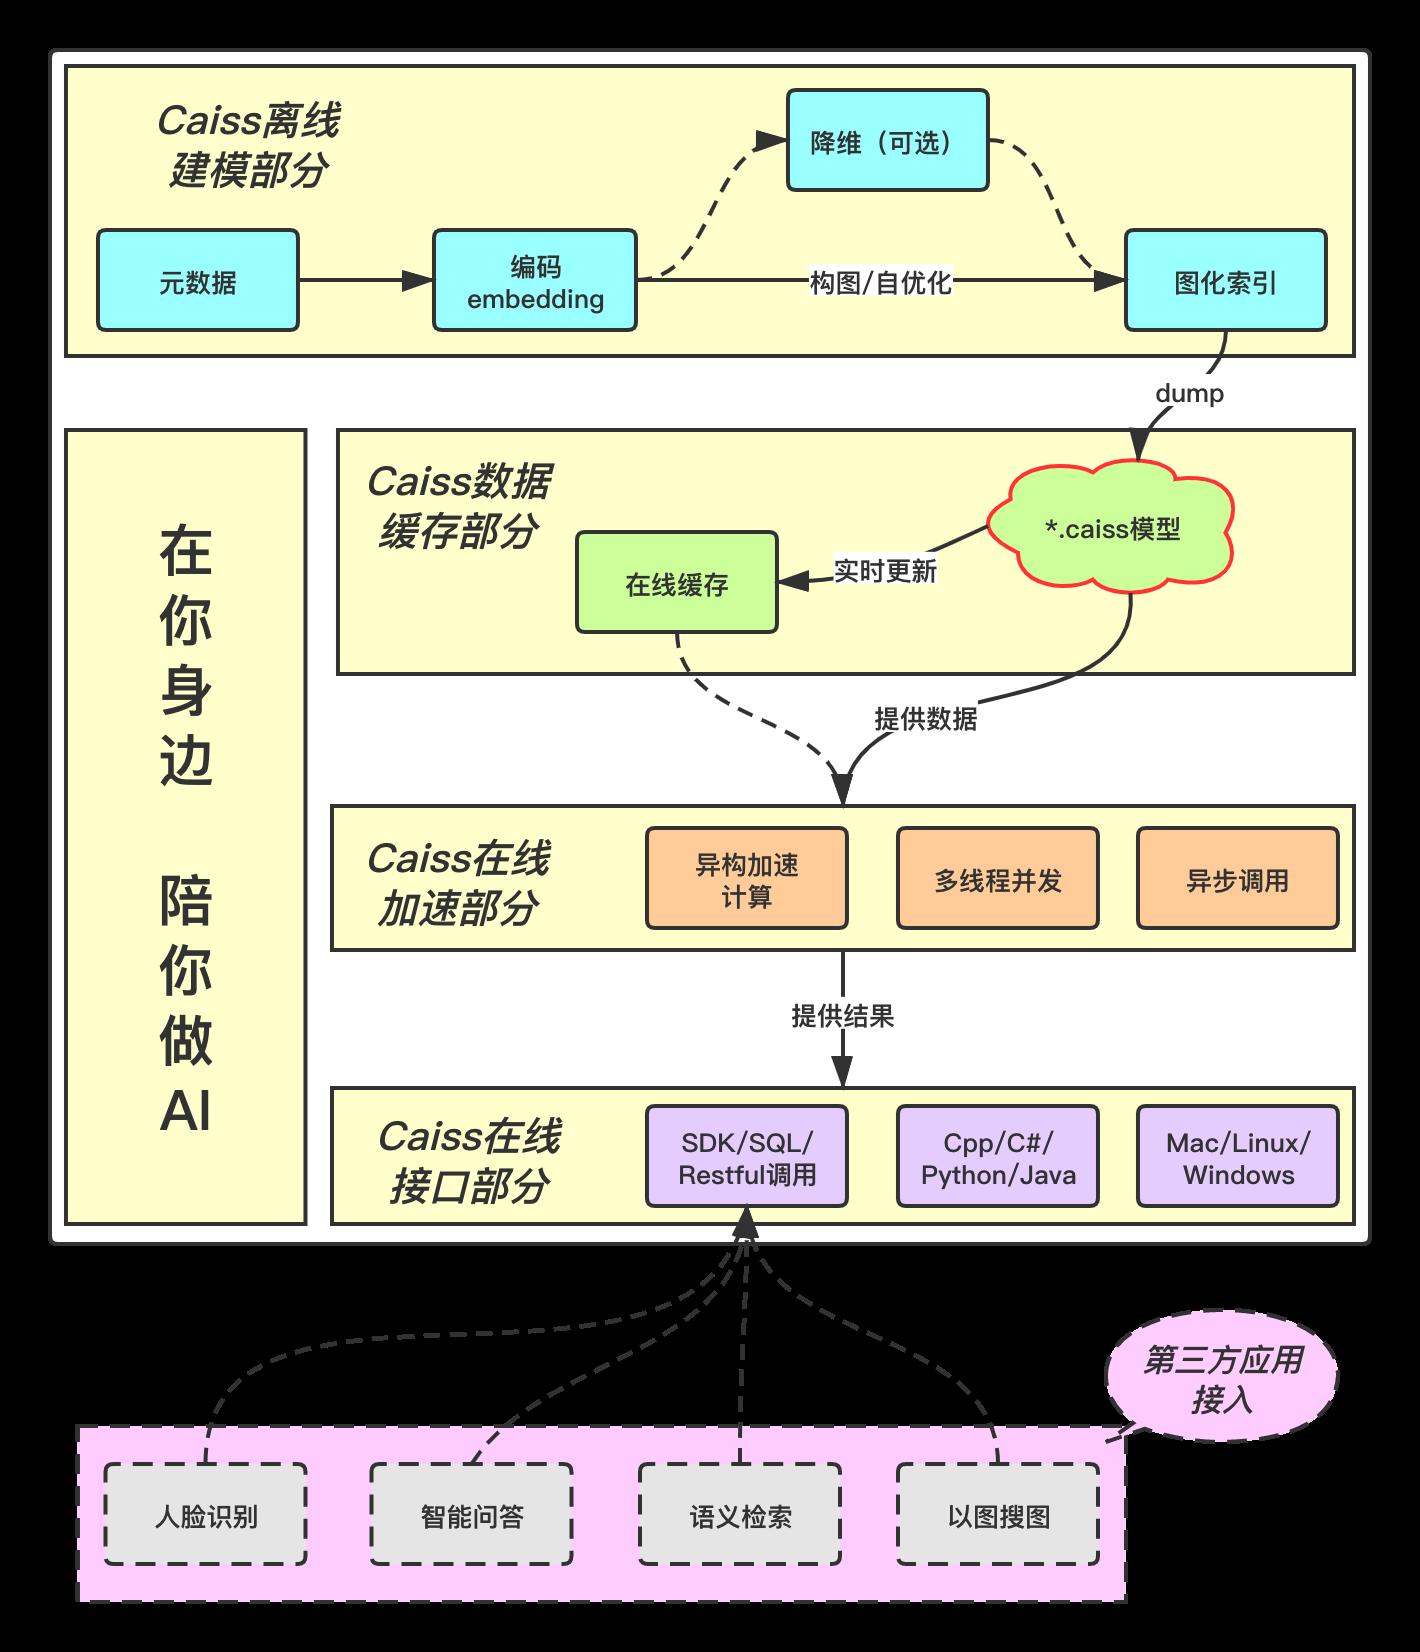 Caiss 架构设计图